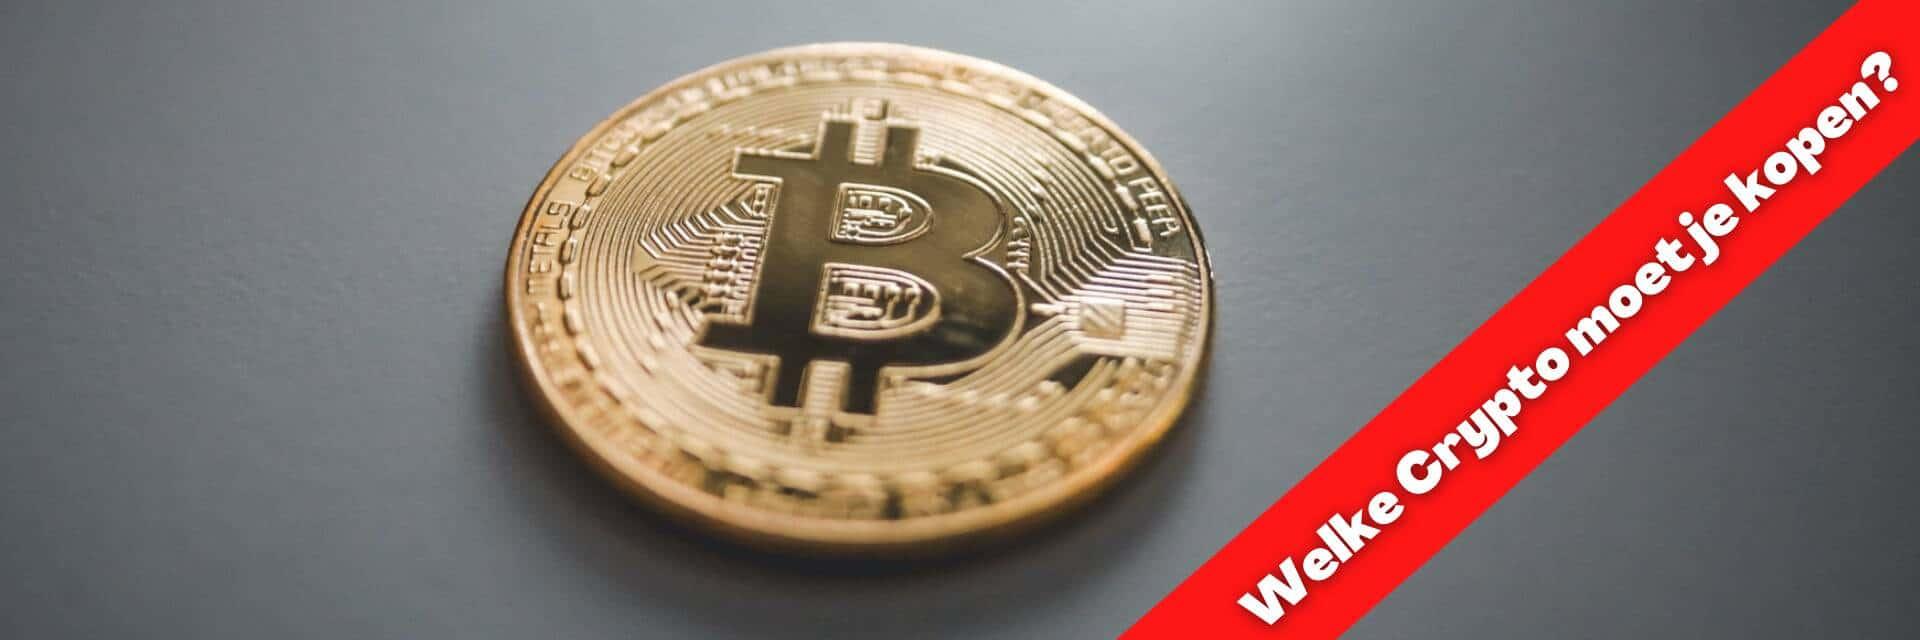 welke crypto kopen